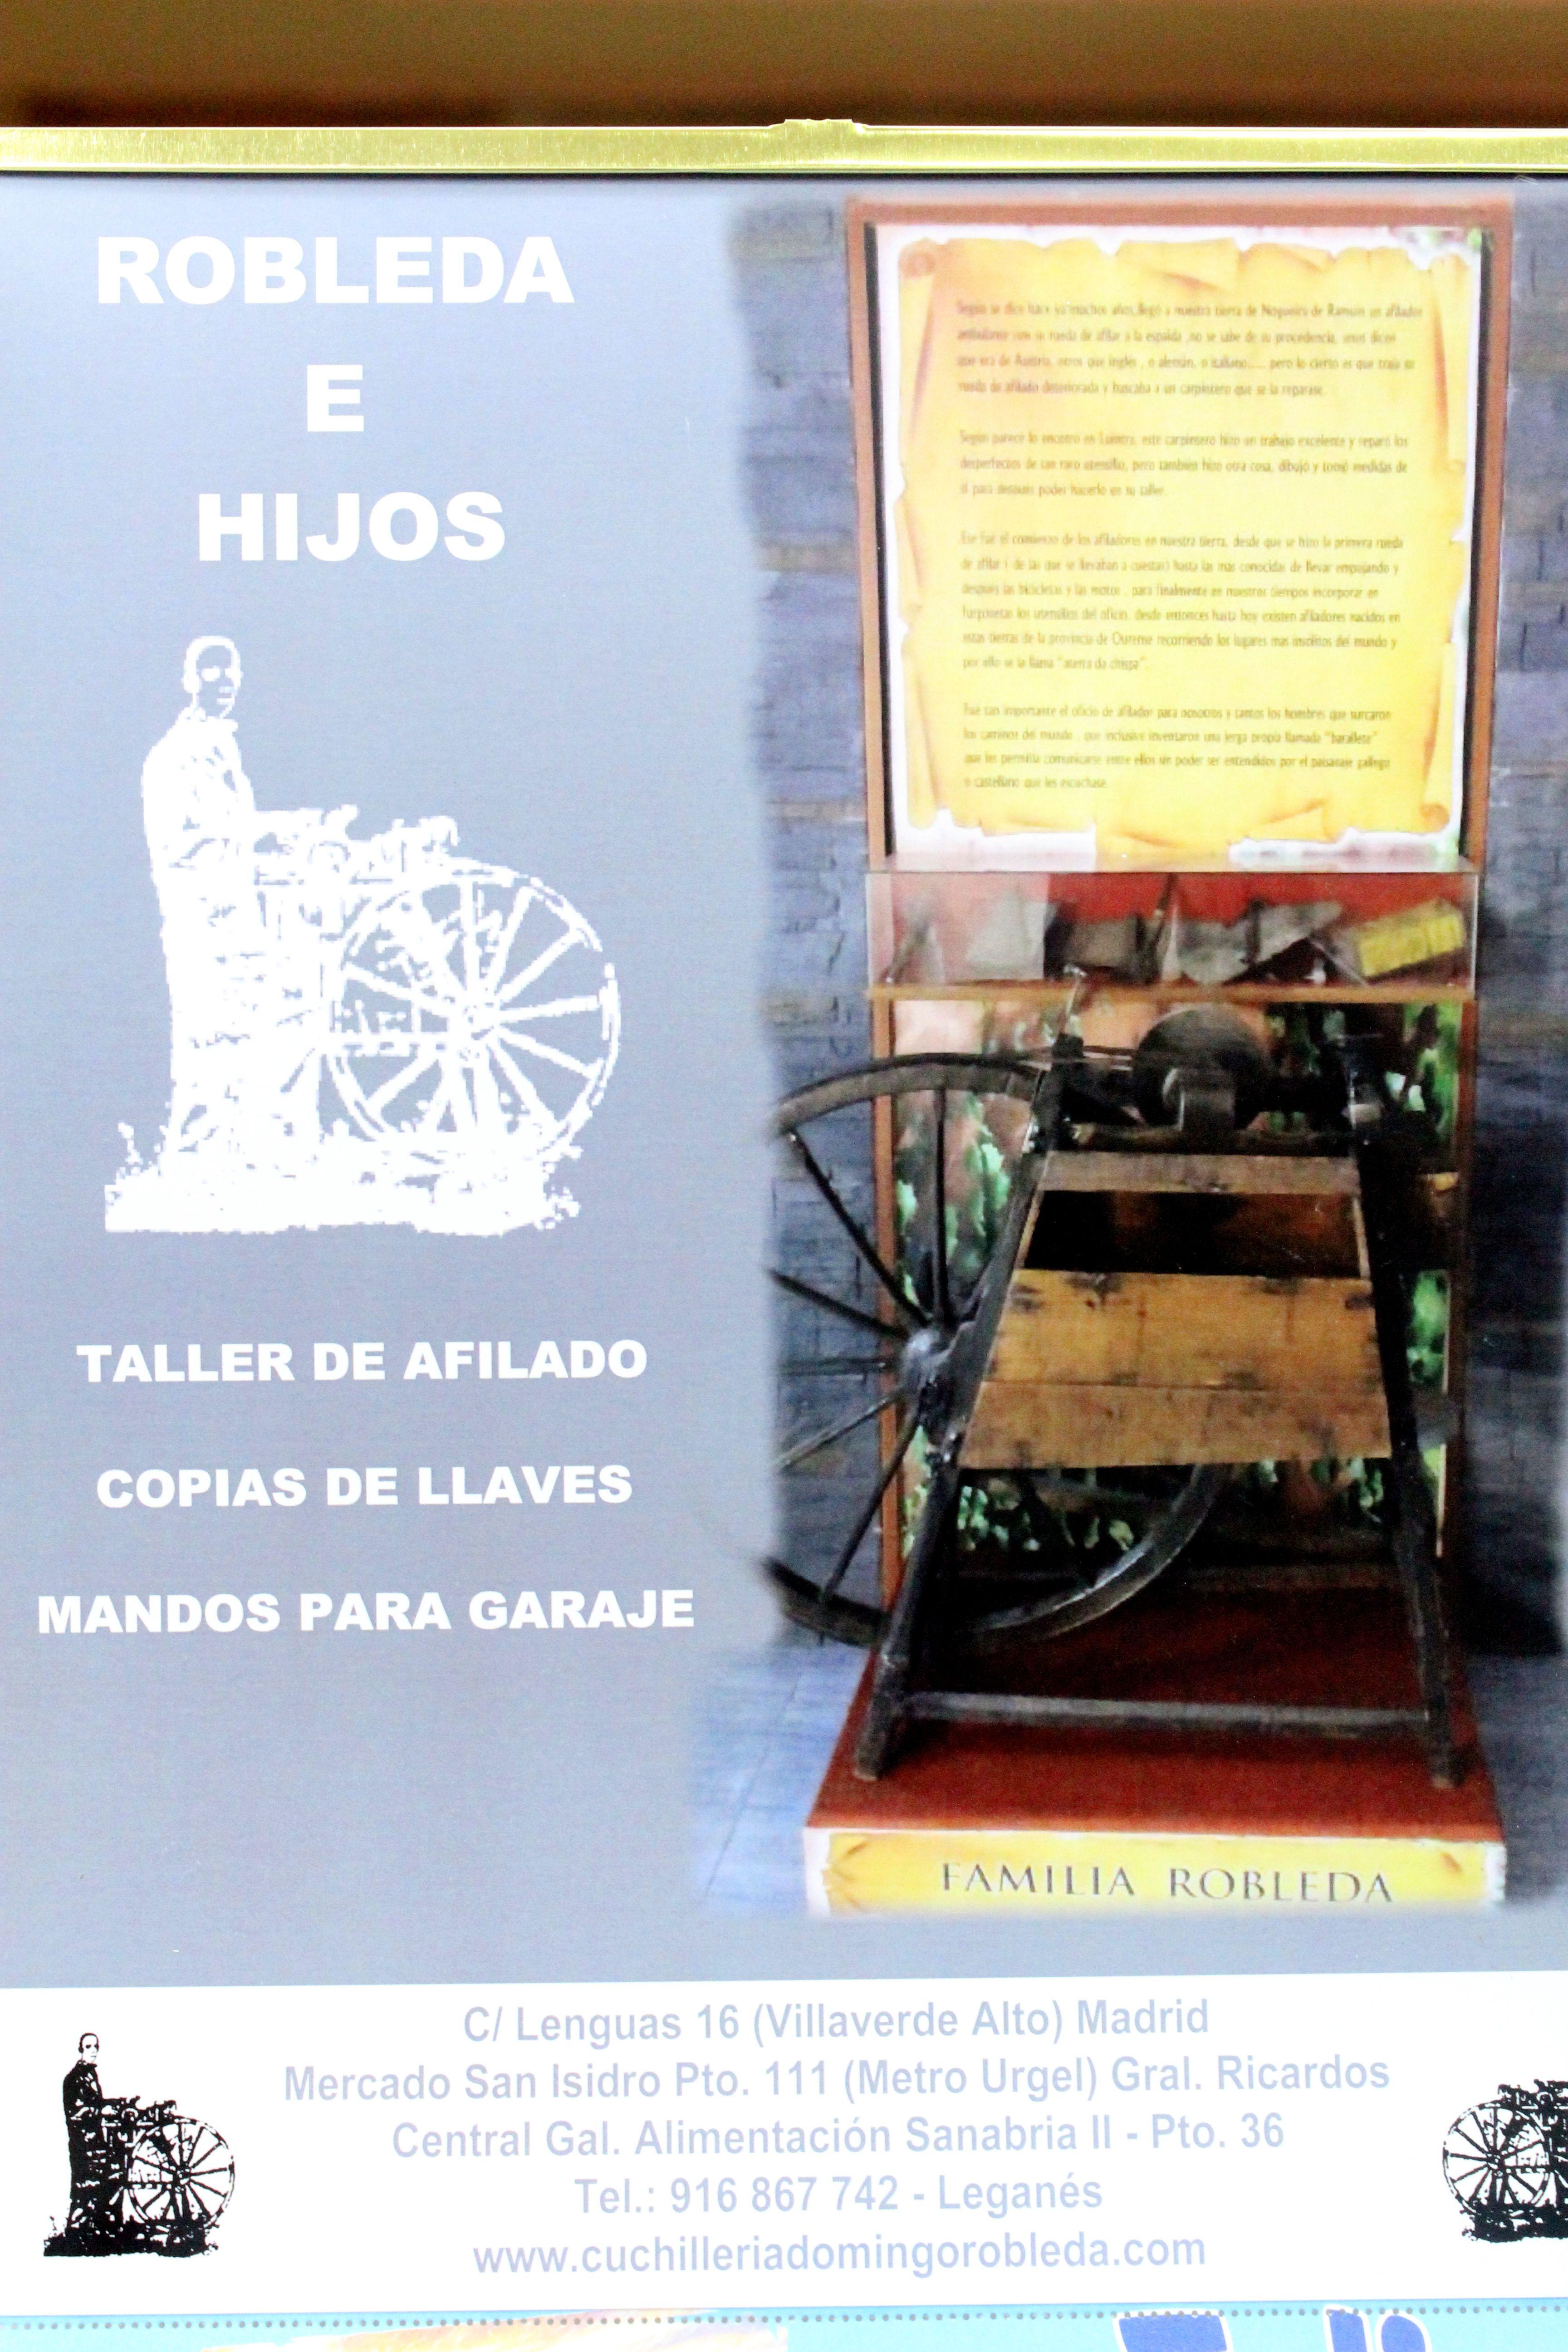 Foto 1 de Cuchillería en Leganés | Robleda E Hijos